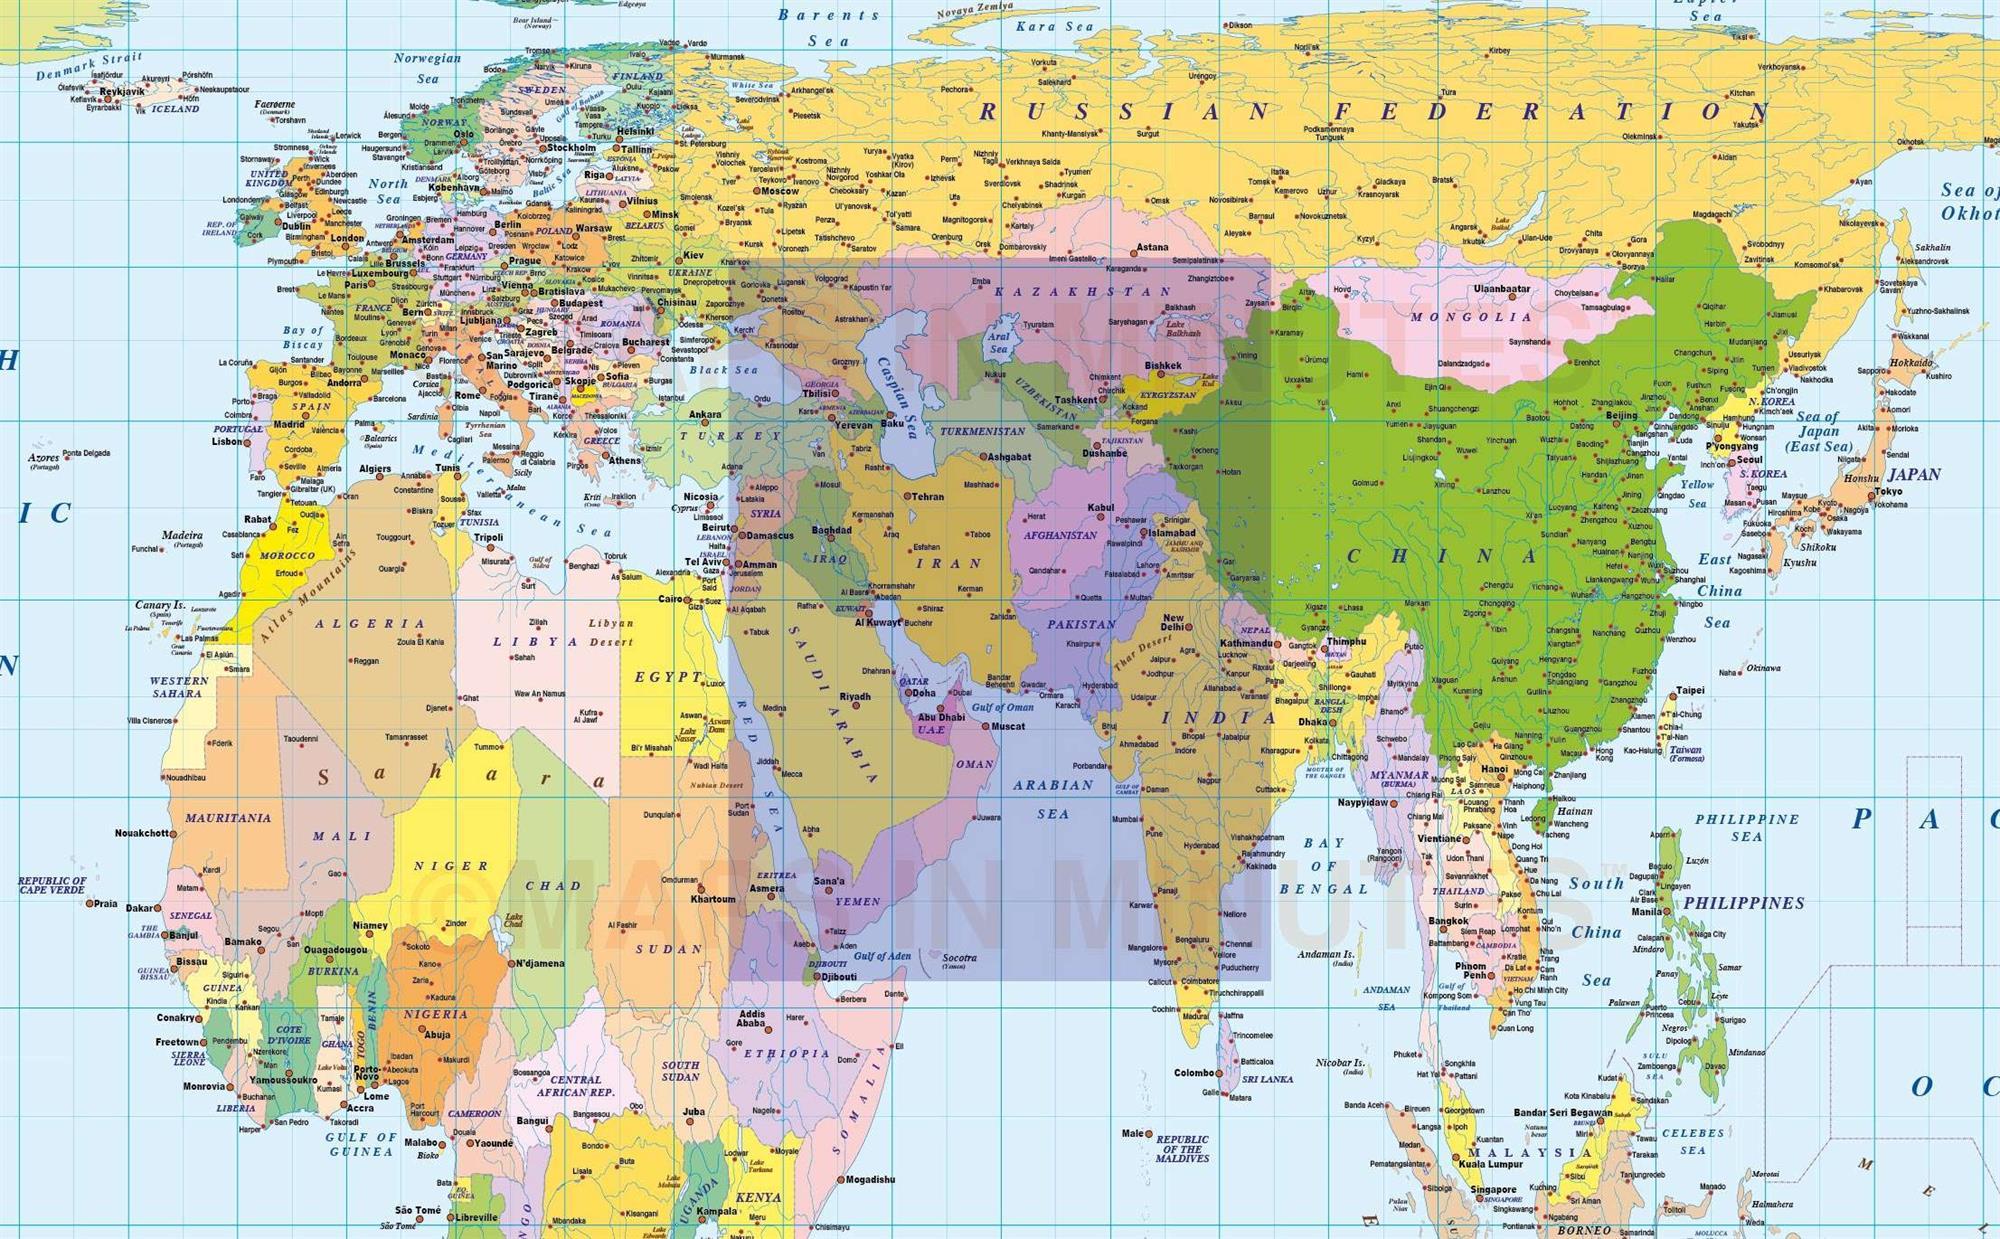 عکس پرچم کشورهای جهان با اسم